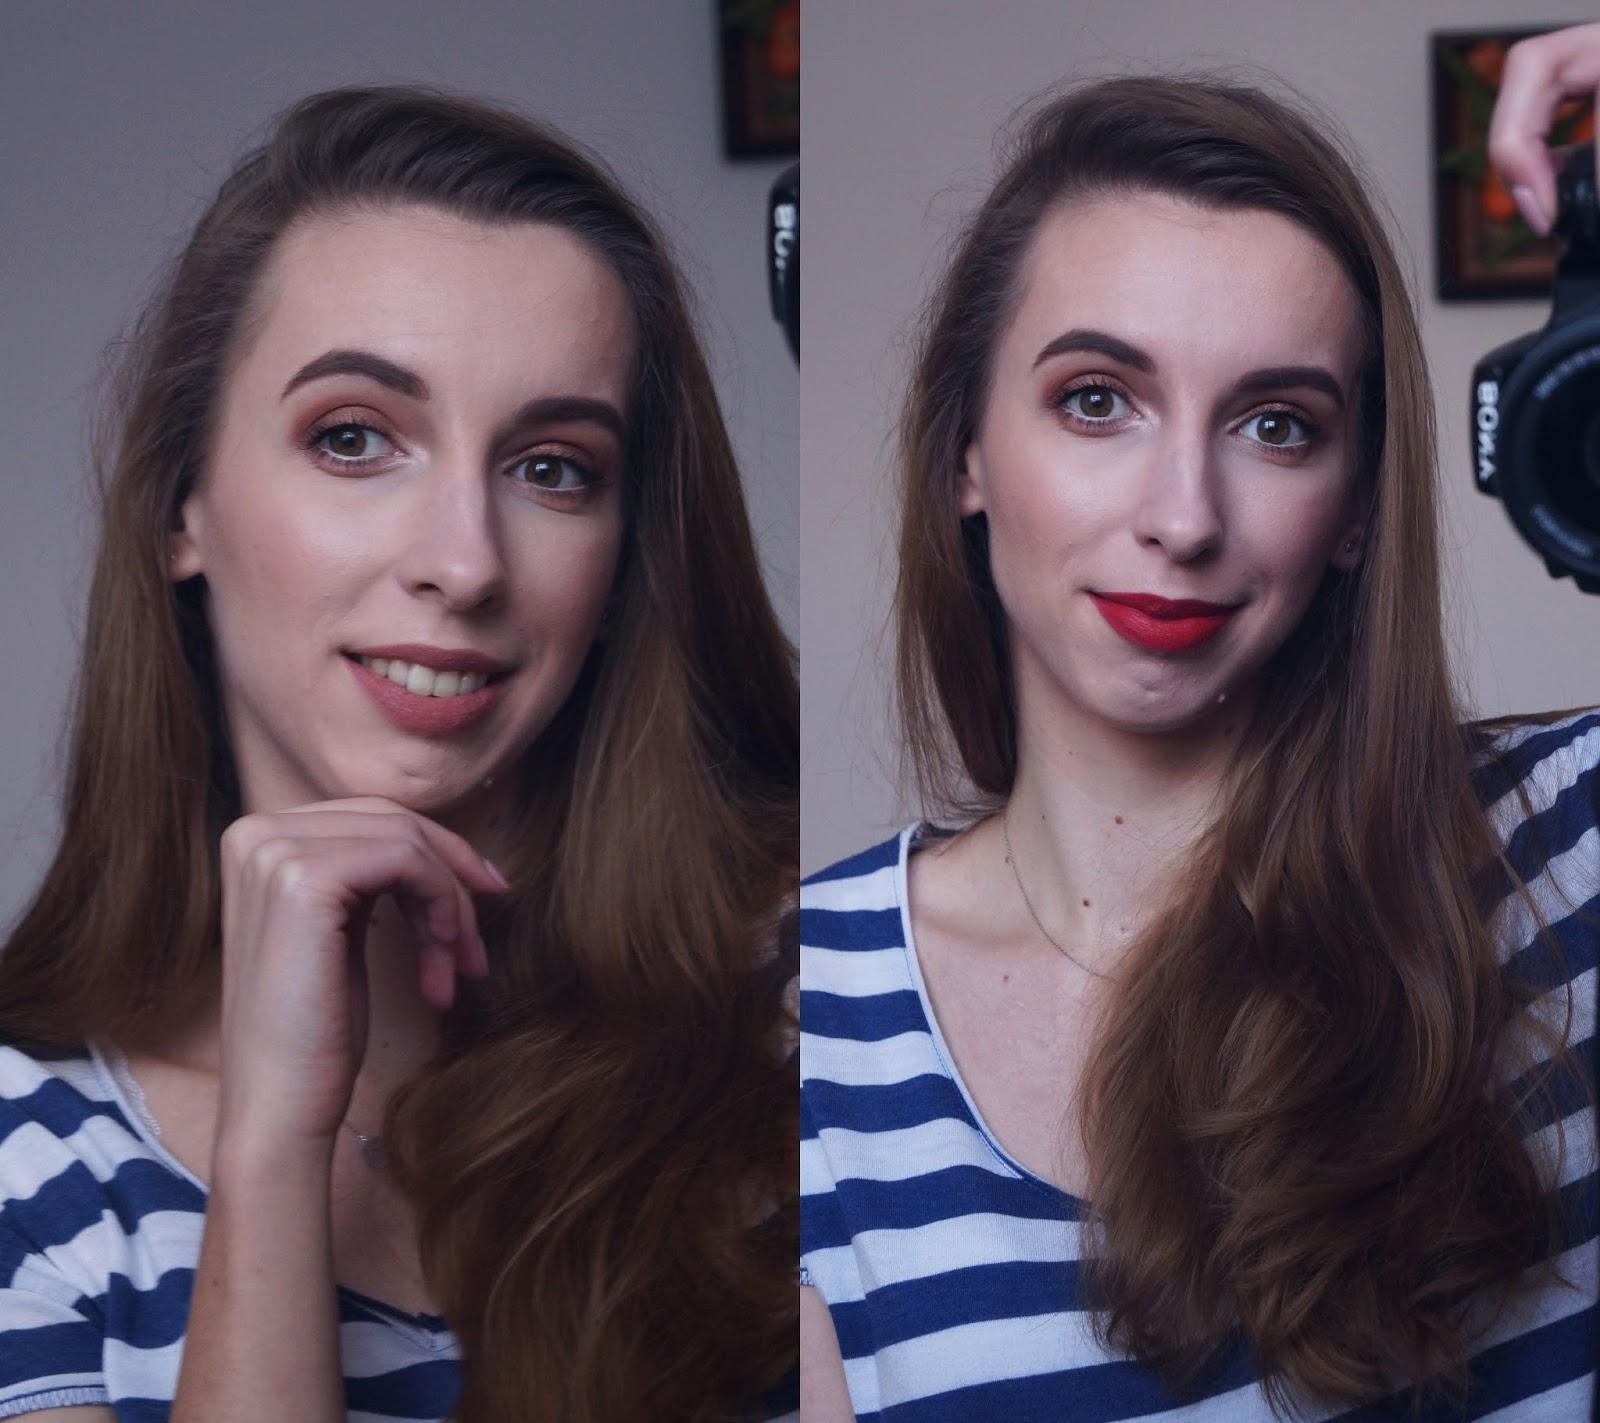 W ciepłych brązach + dwa kolory szminki - praktyka czyni mistrza, czyli ucze się makijażu